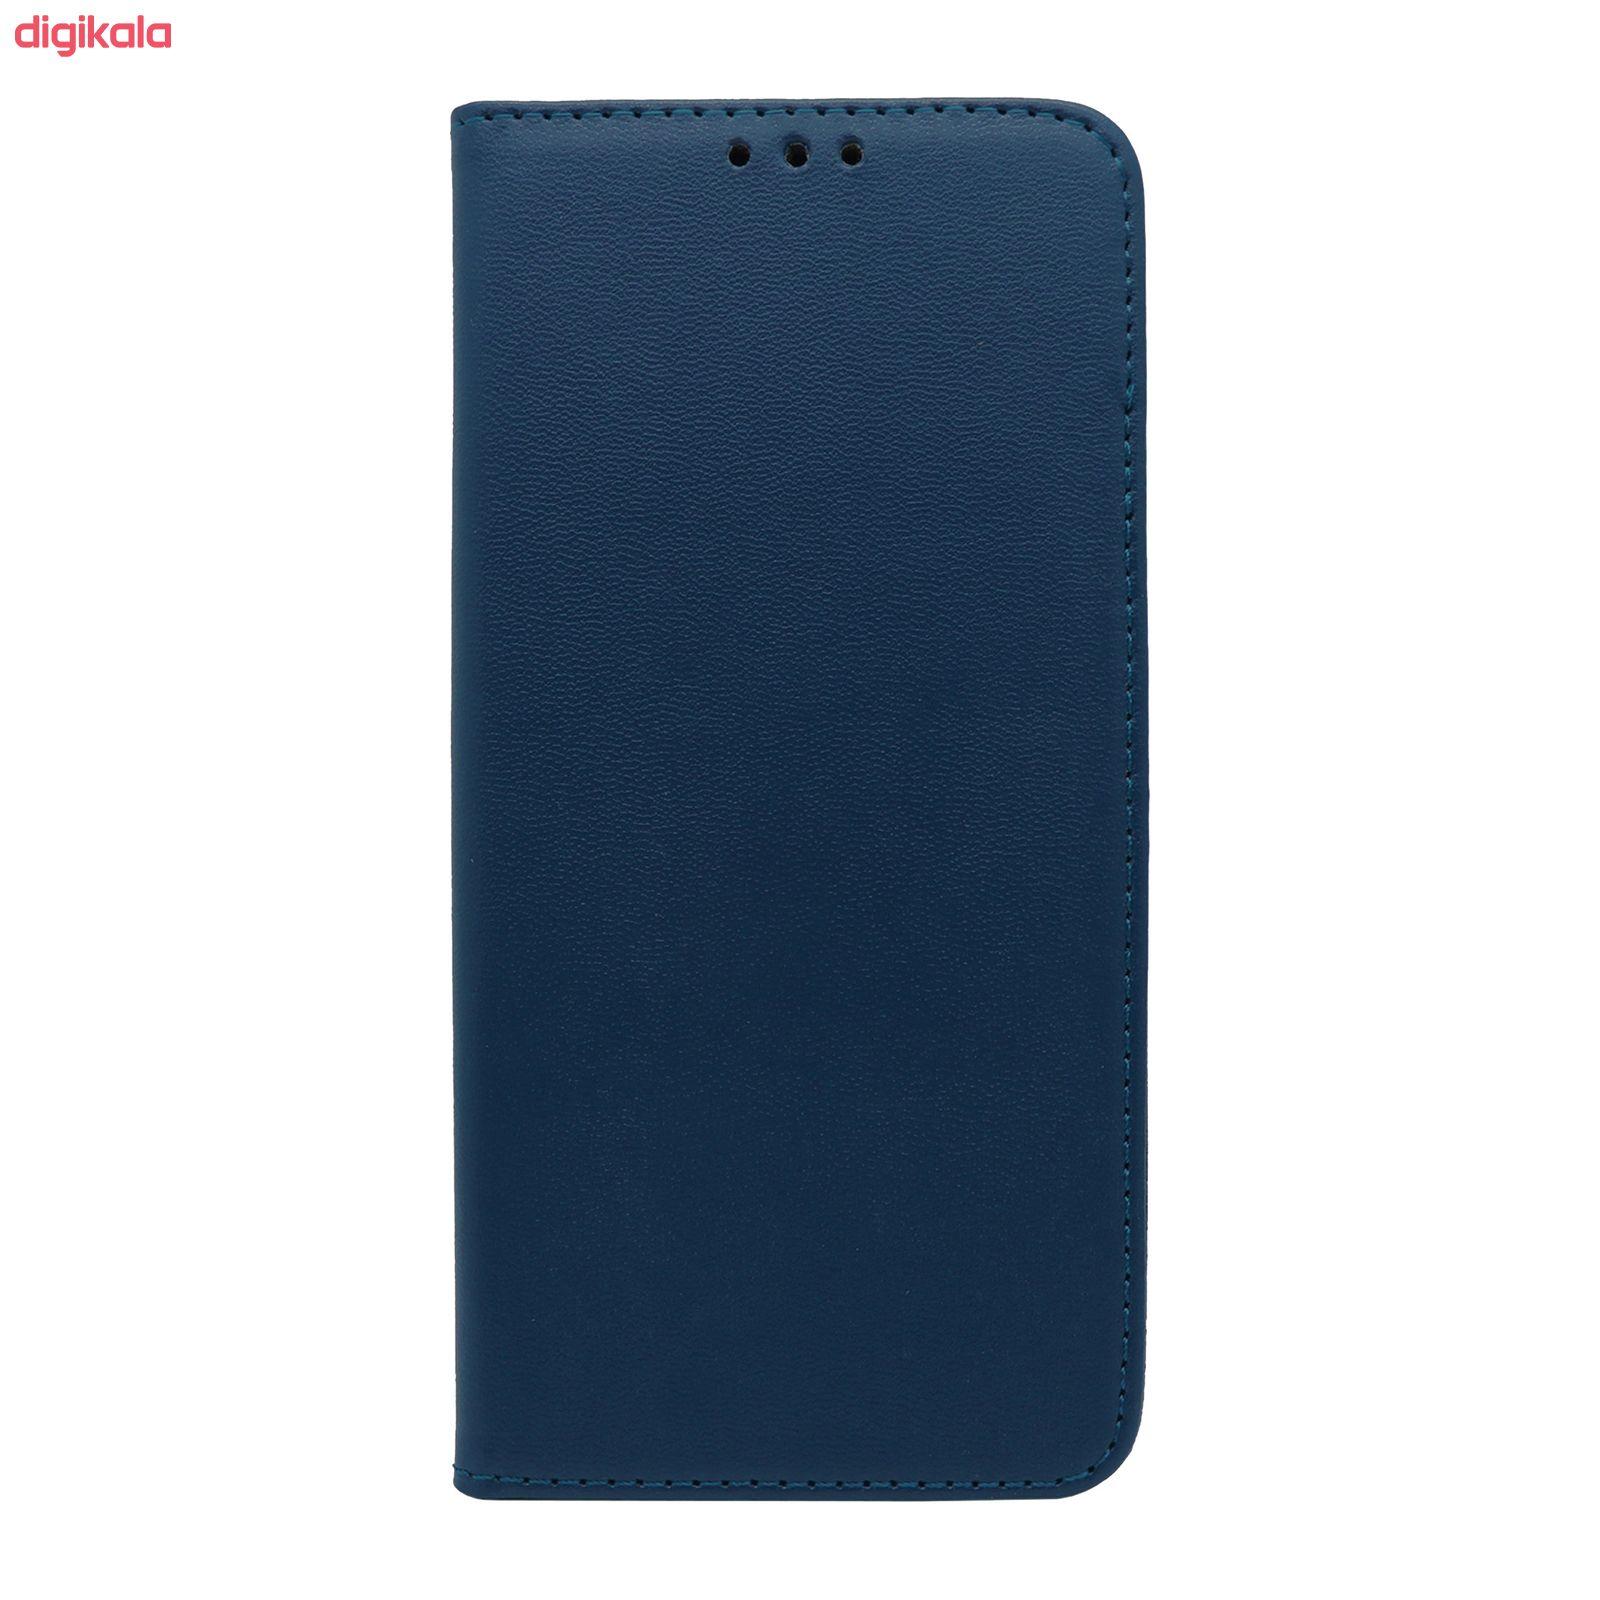 کیف کلاسوری مدل Class1 مناسب برای گوشی موبایل سامسونگ Galaxy A10 main 1 1